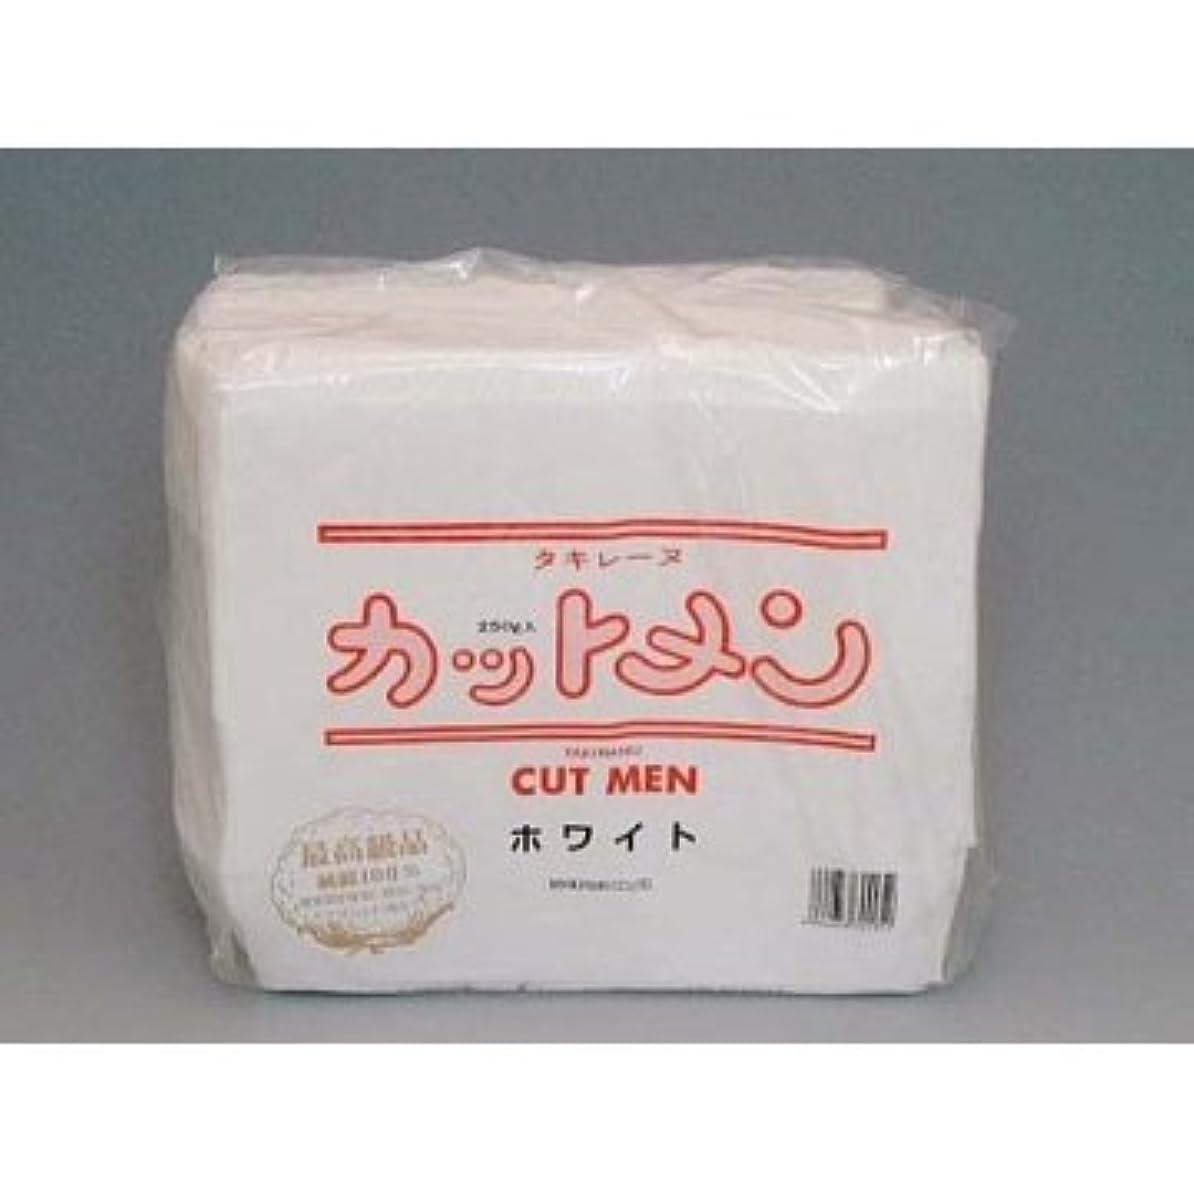 あいまい決定的耐えられない滝川 タキレーヌ カットメン ホワイト 700枚入 5×6cm 純綿100%250g